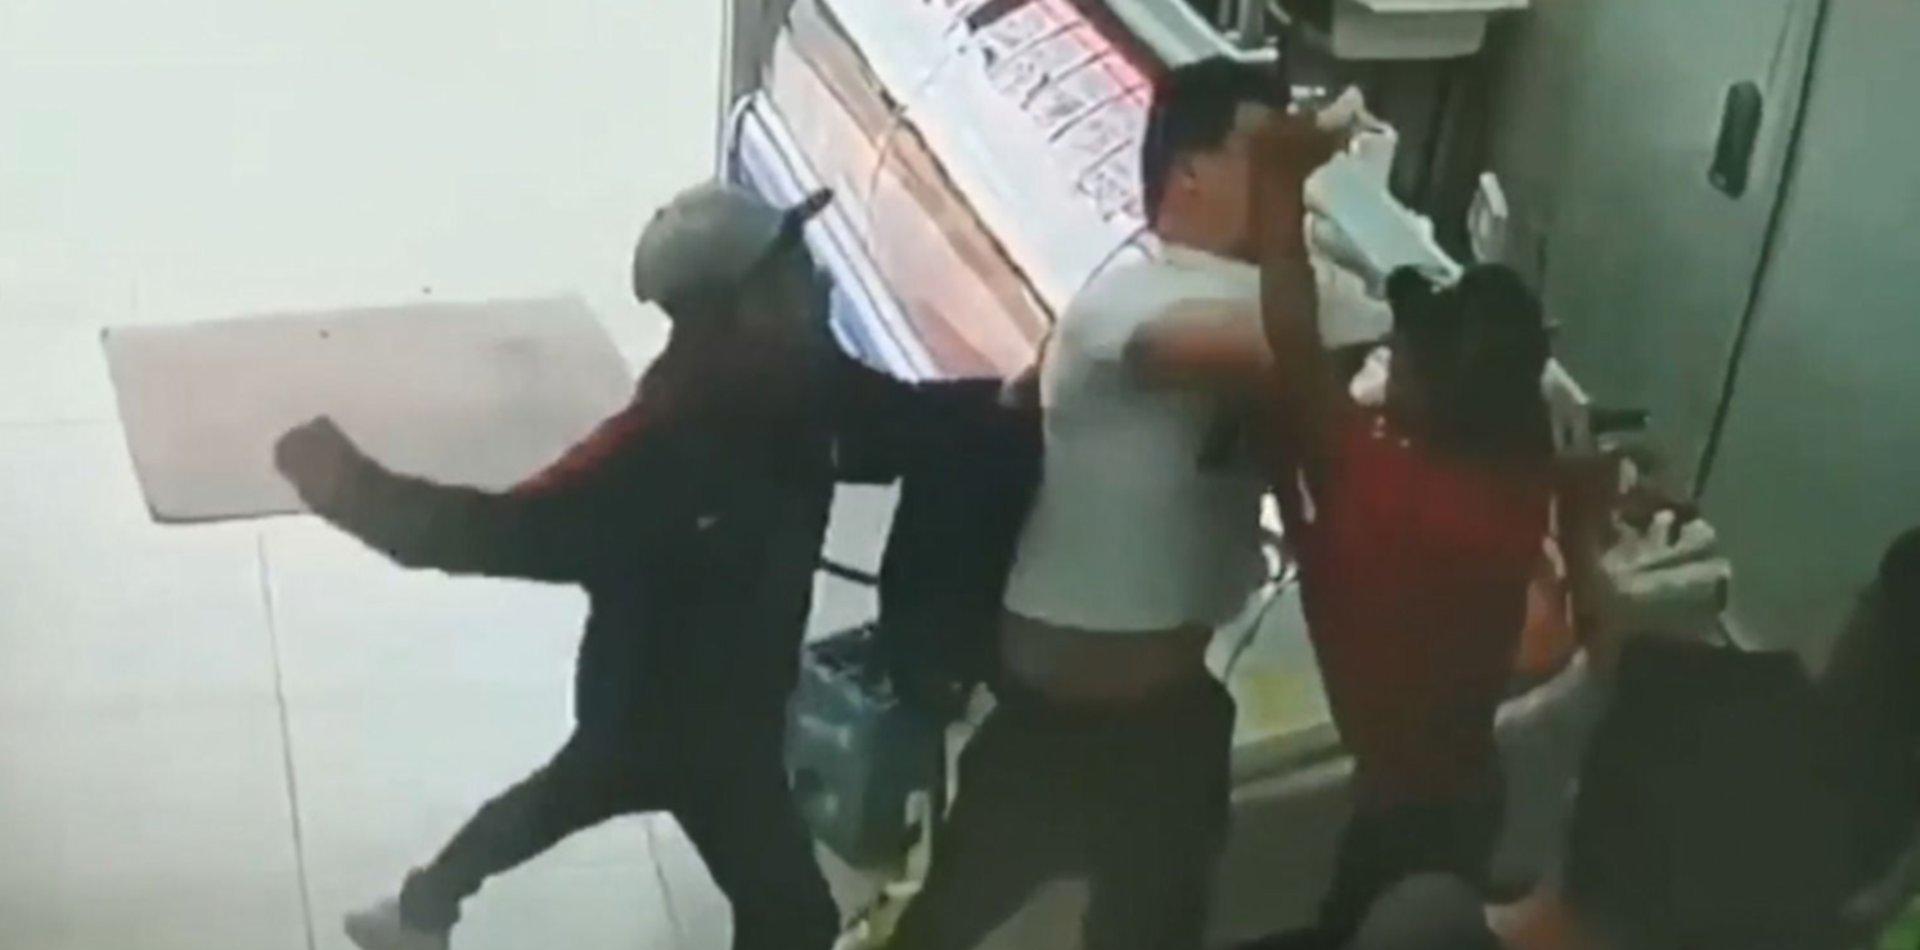 VIDEO: A las piñas y revoleando cajones, así saquearon un supermercado de La Plata